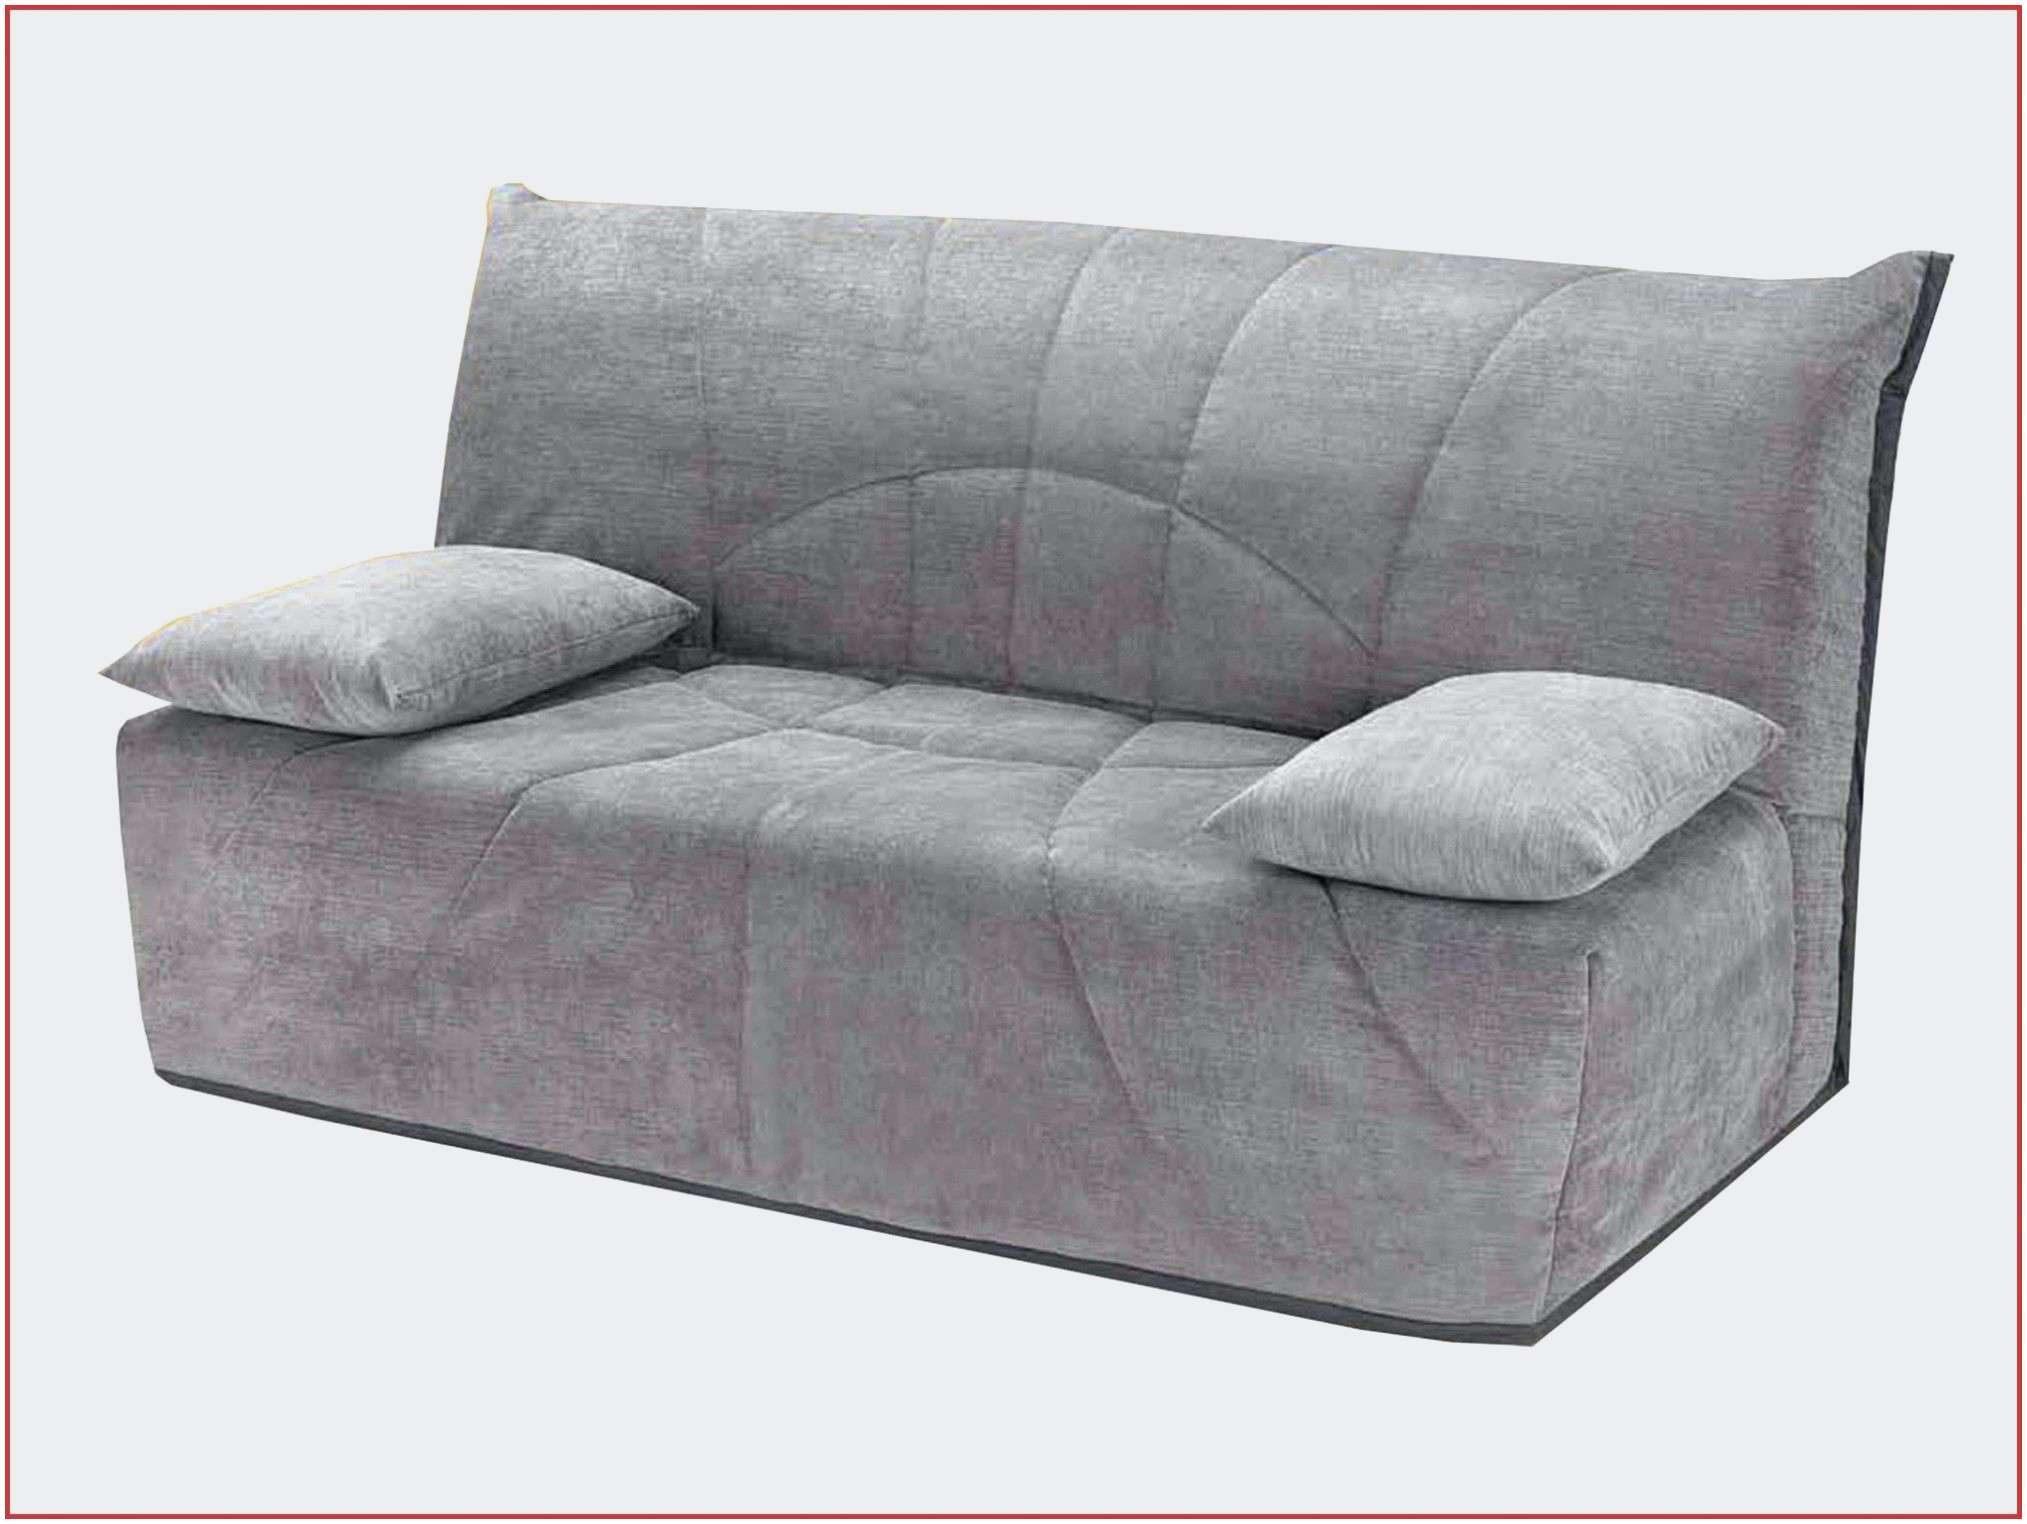 Lit Convertible 2 Places De Luxe Chauffeuse Bz 1 Place ... pour Ikea Chauffeuse 2 Places